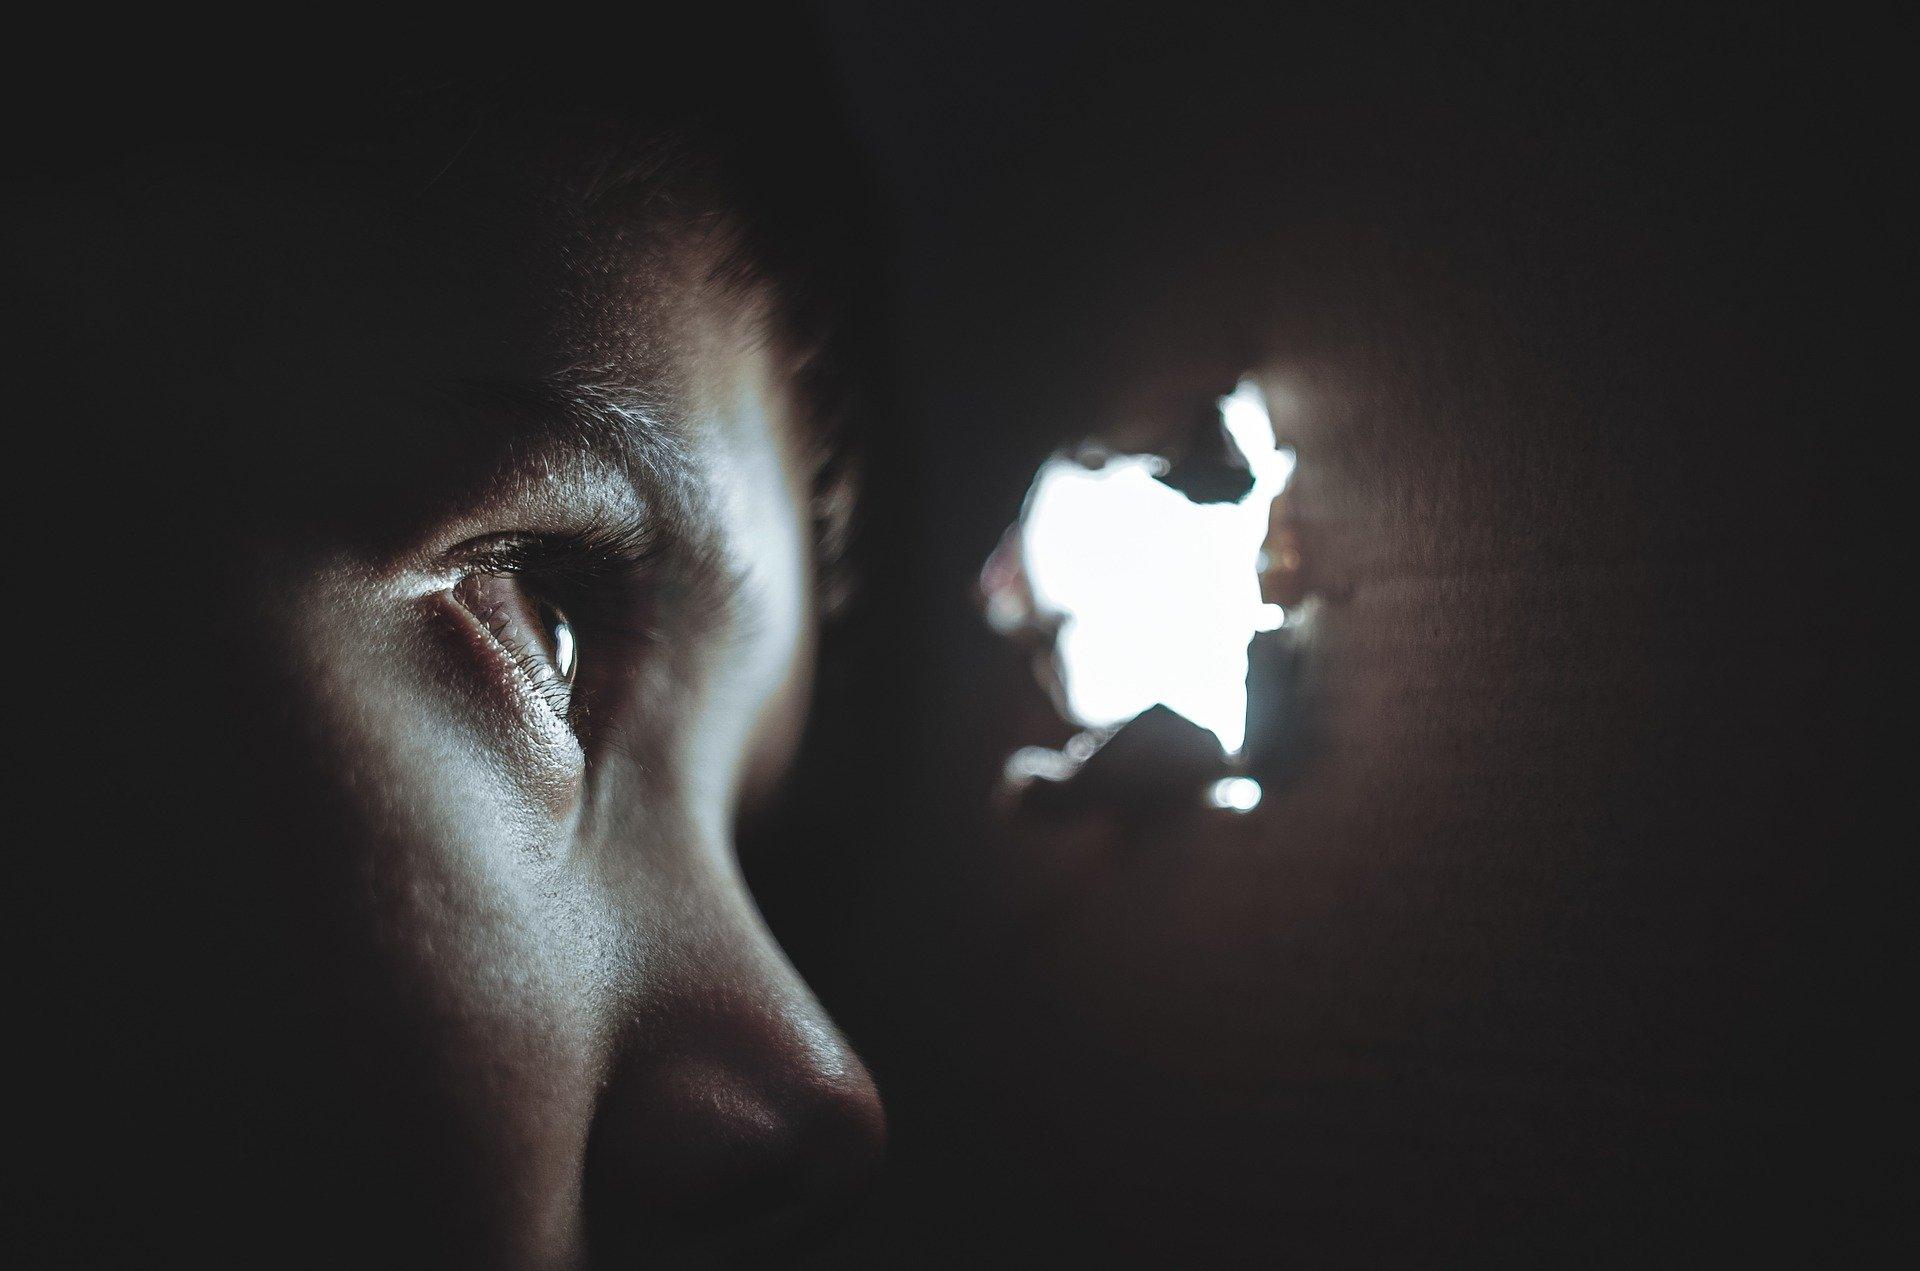 De angst om niemand te zijn